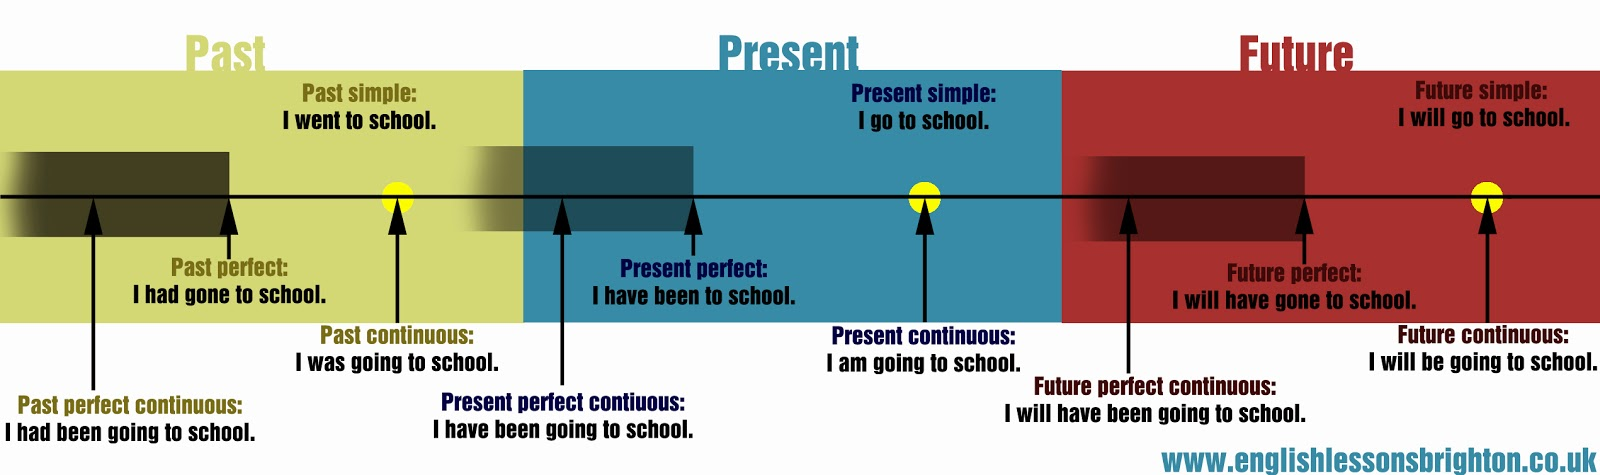 ini merupakan tense yang digunakan untuk mengungkapkan atau menyatakan kejadian atau akti Pengertian, Rumus, dan Contoh Kalimat Past Continuous Tense